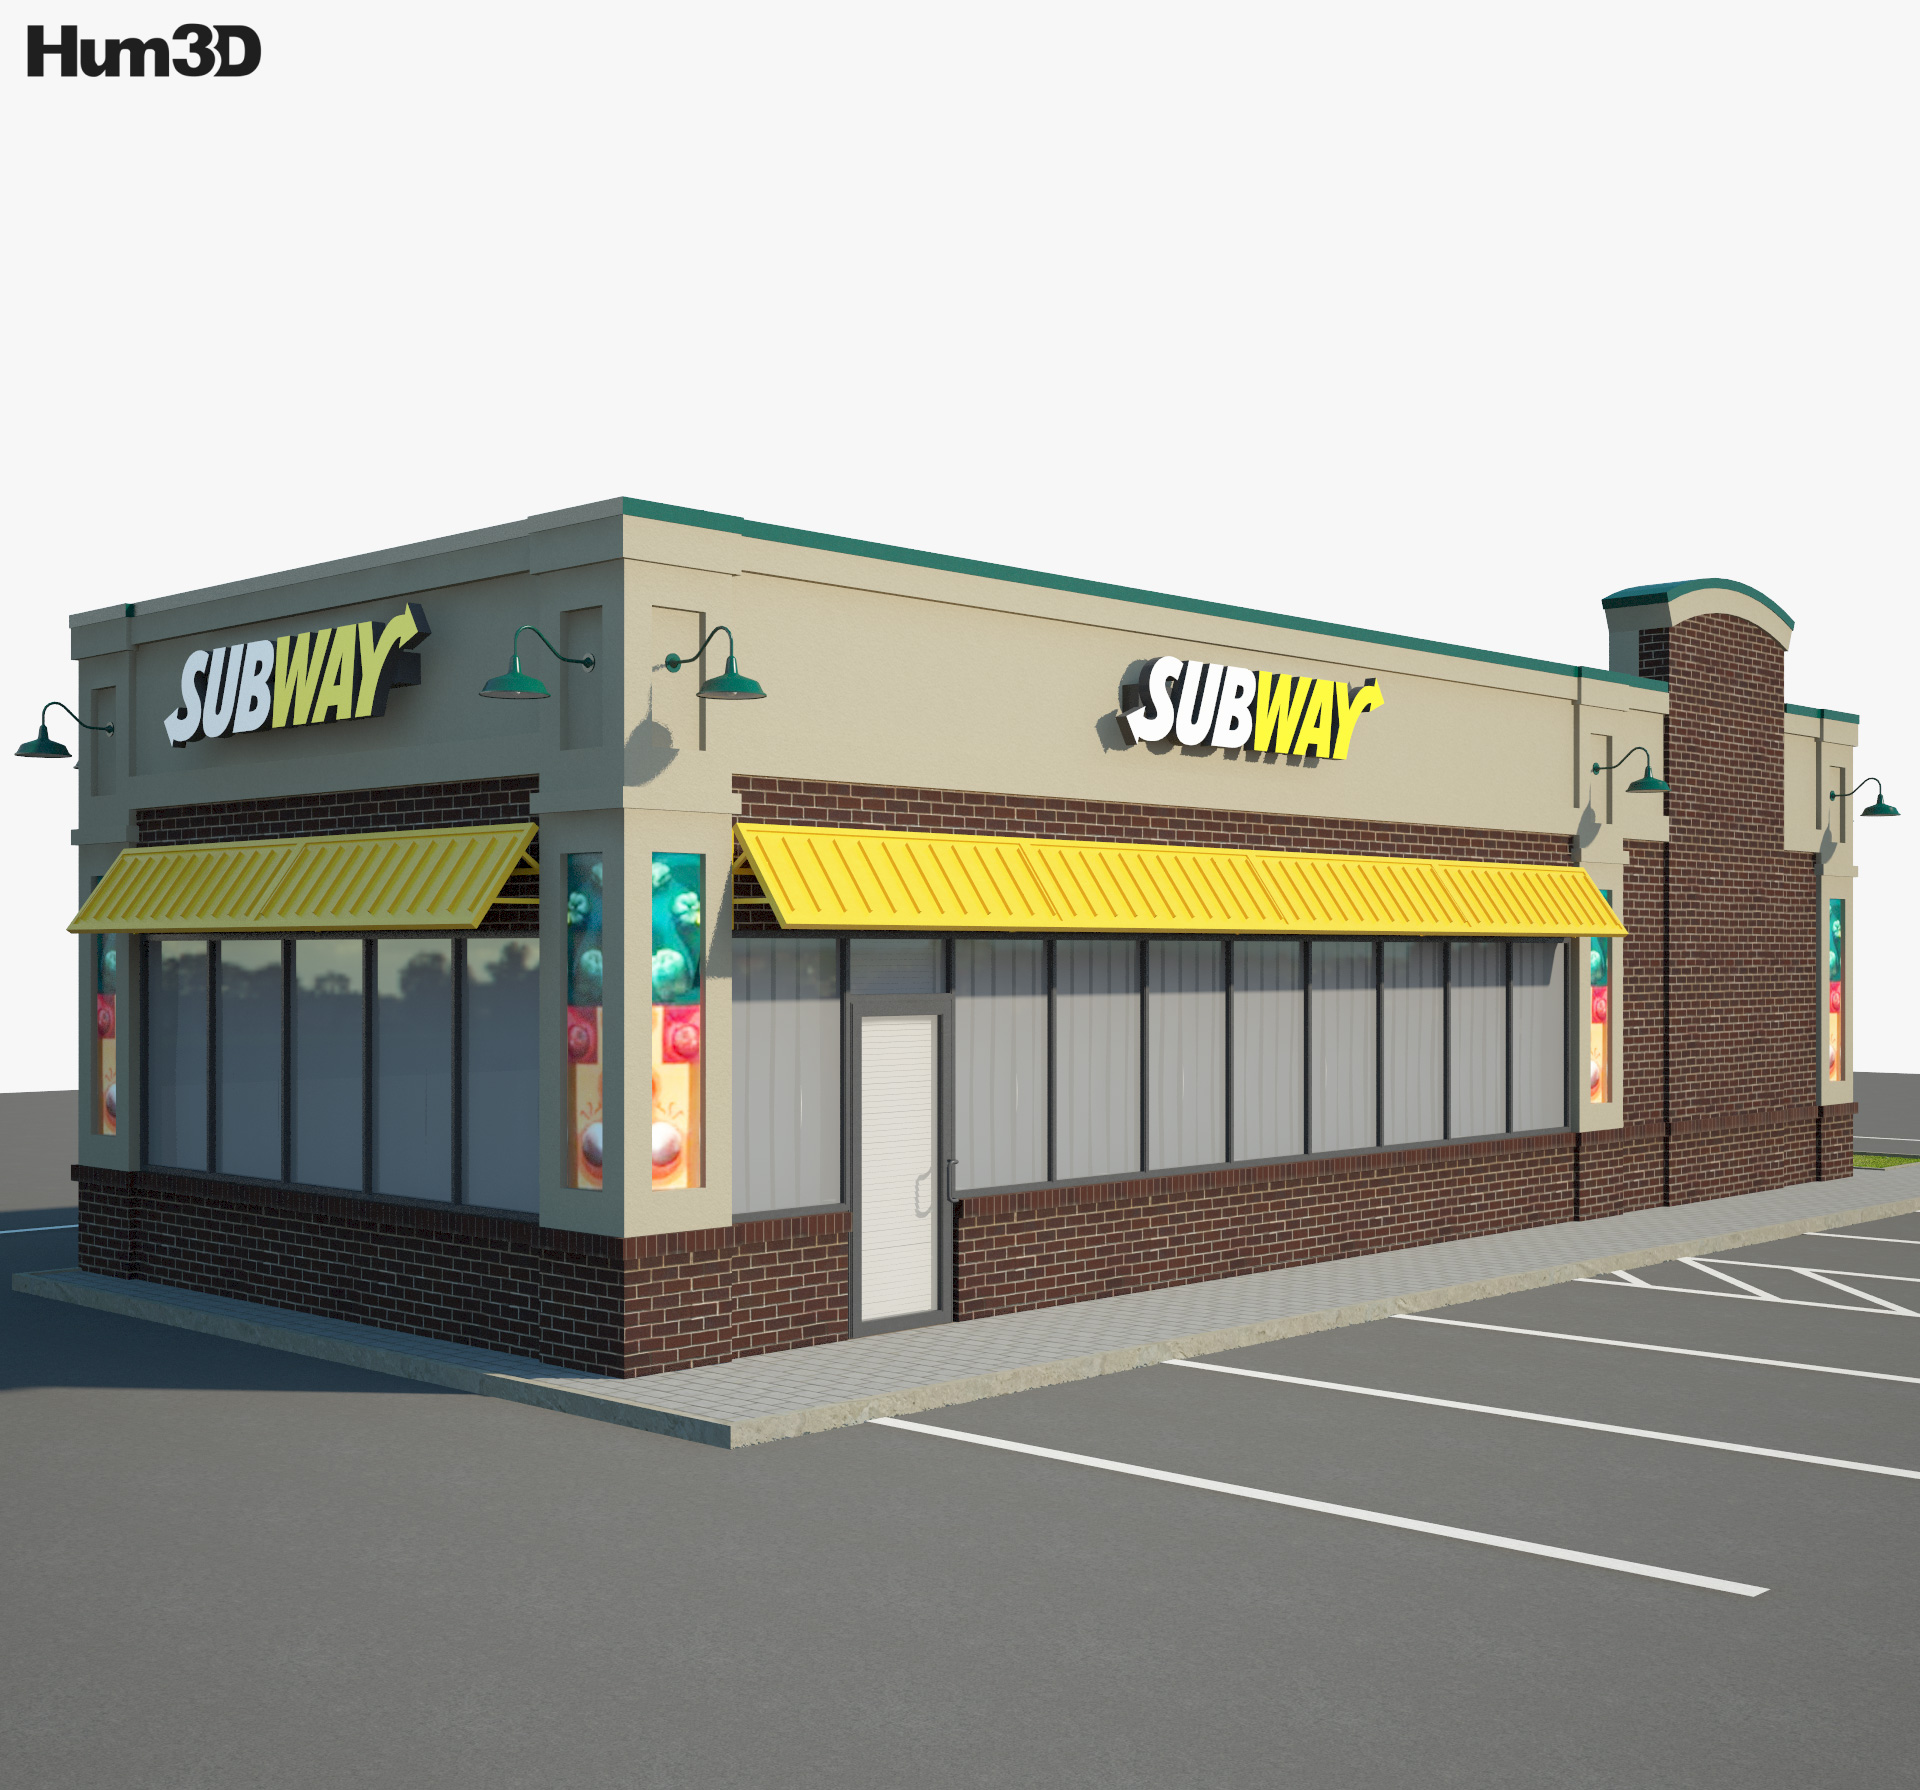 Subway Restaurant 02 3d model